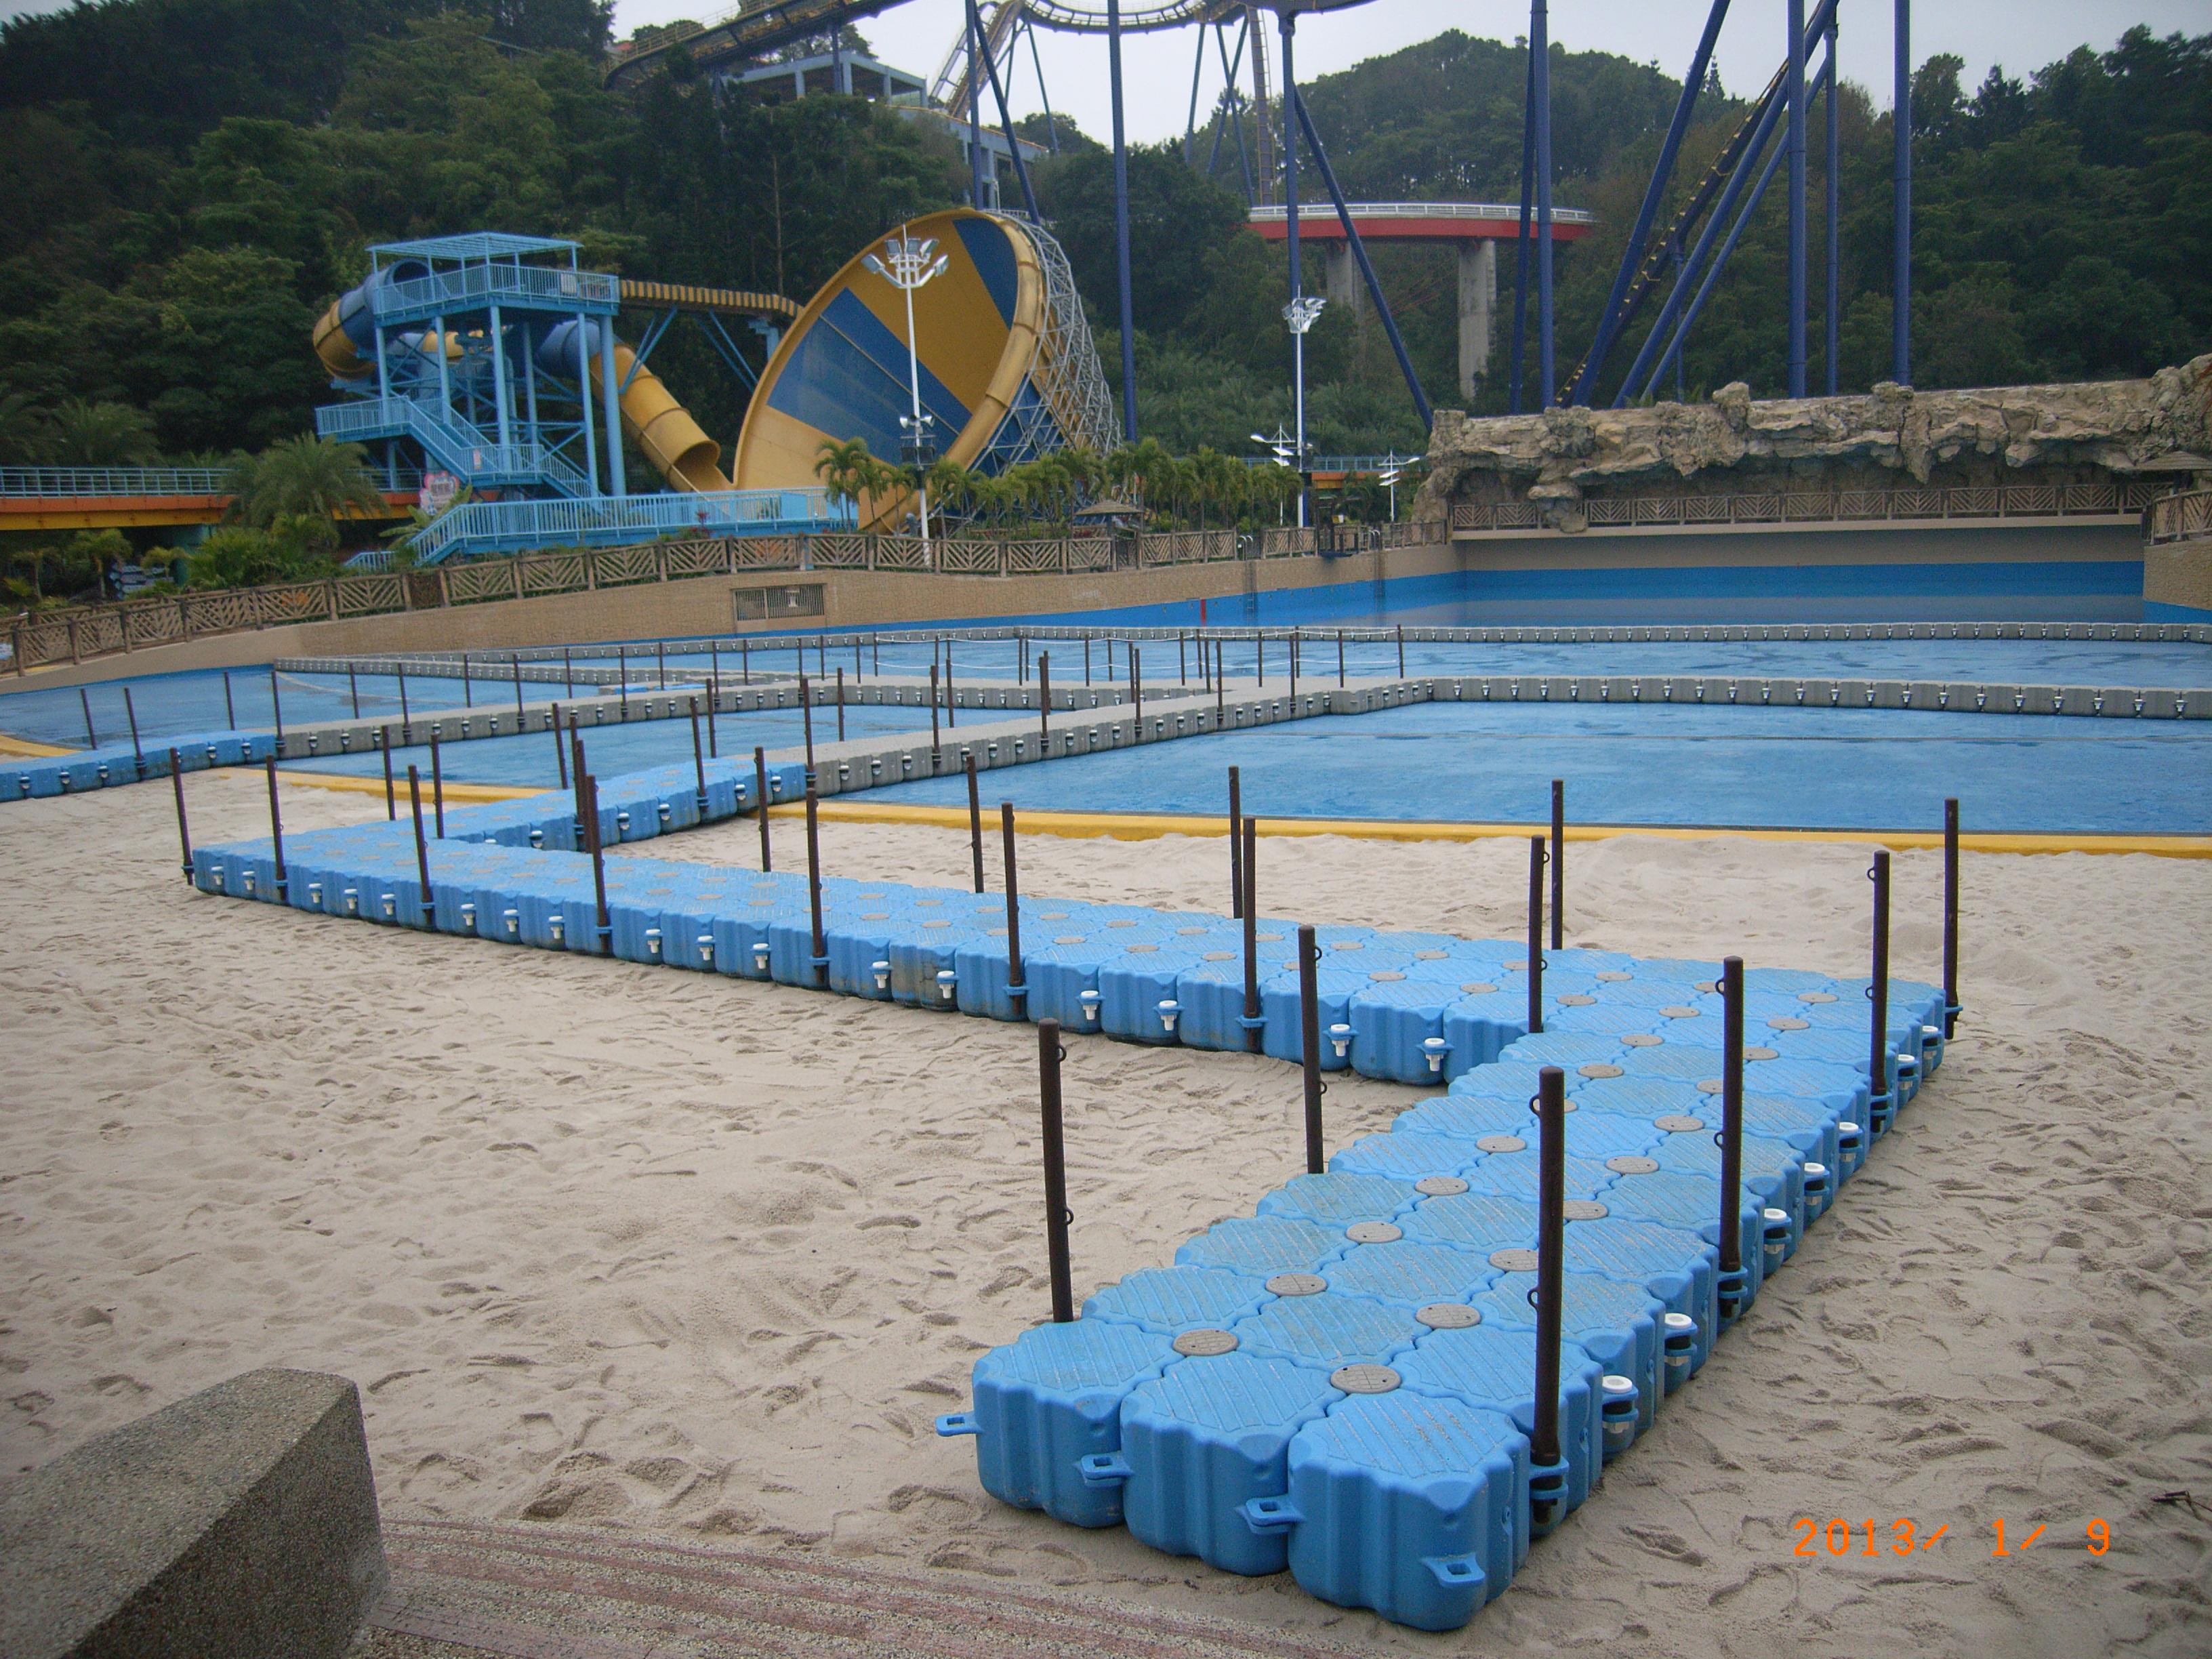 Muelle parques de diversiones